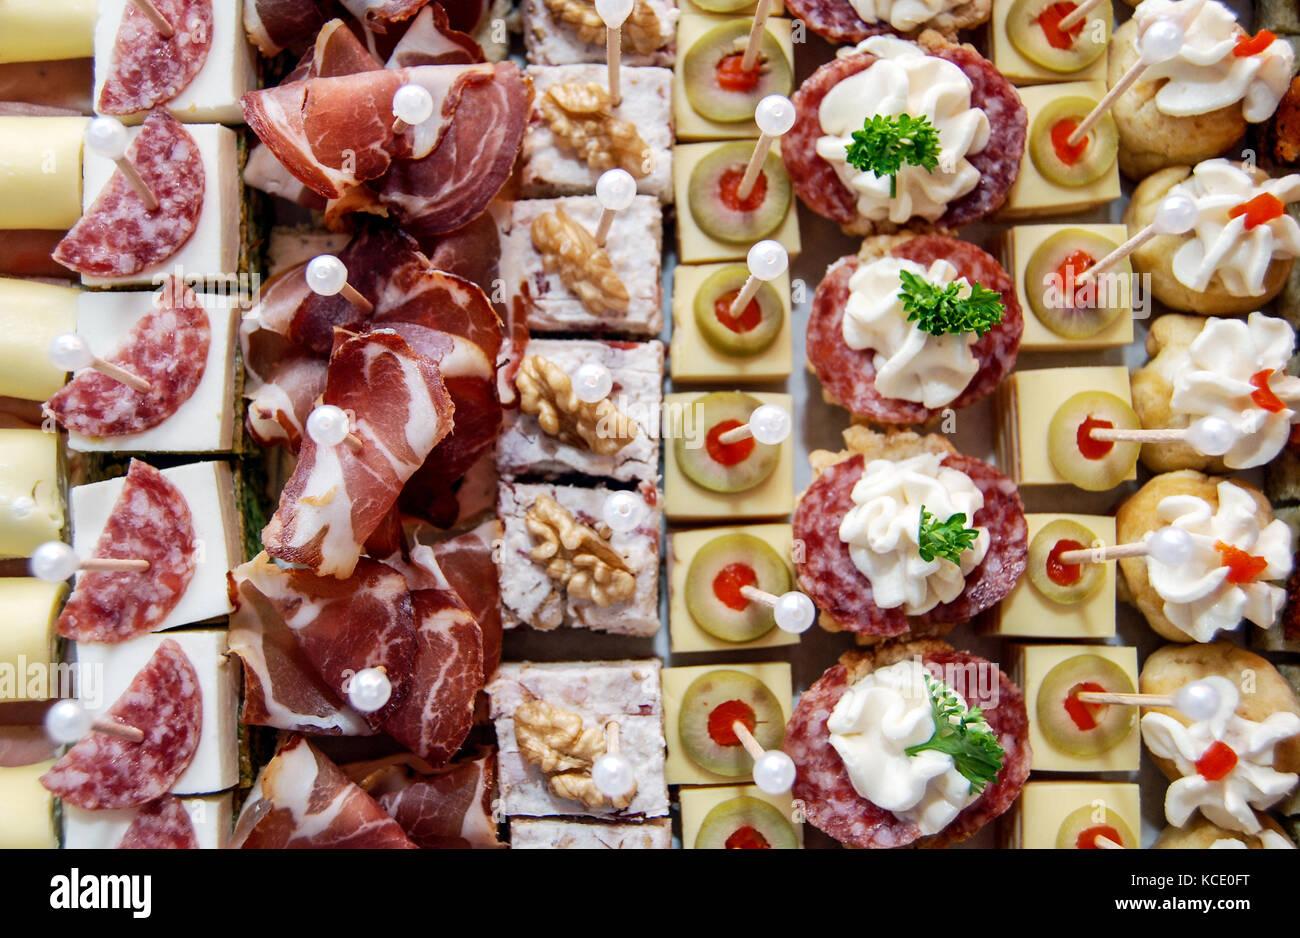 Bild von einem beutifill dekorierten Häppchen Stockbild